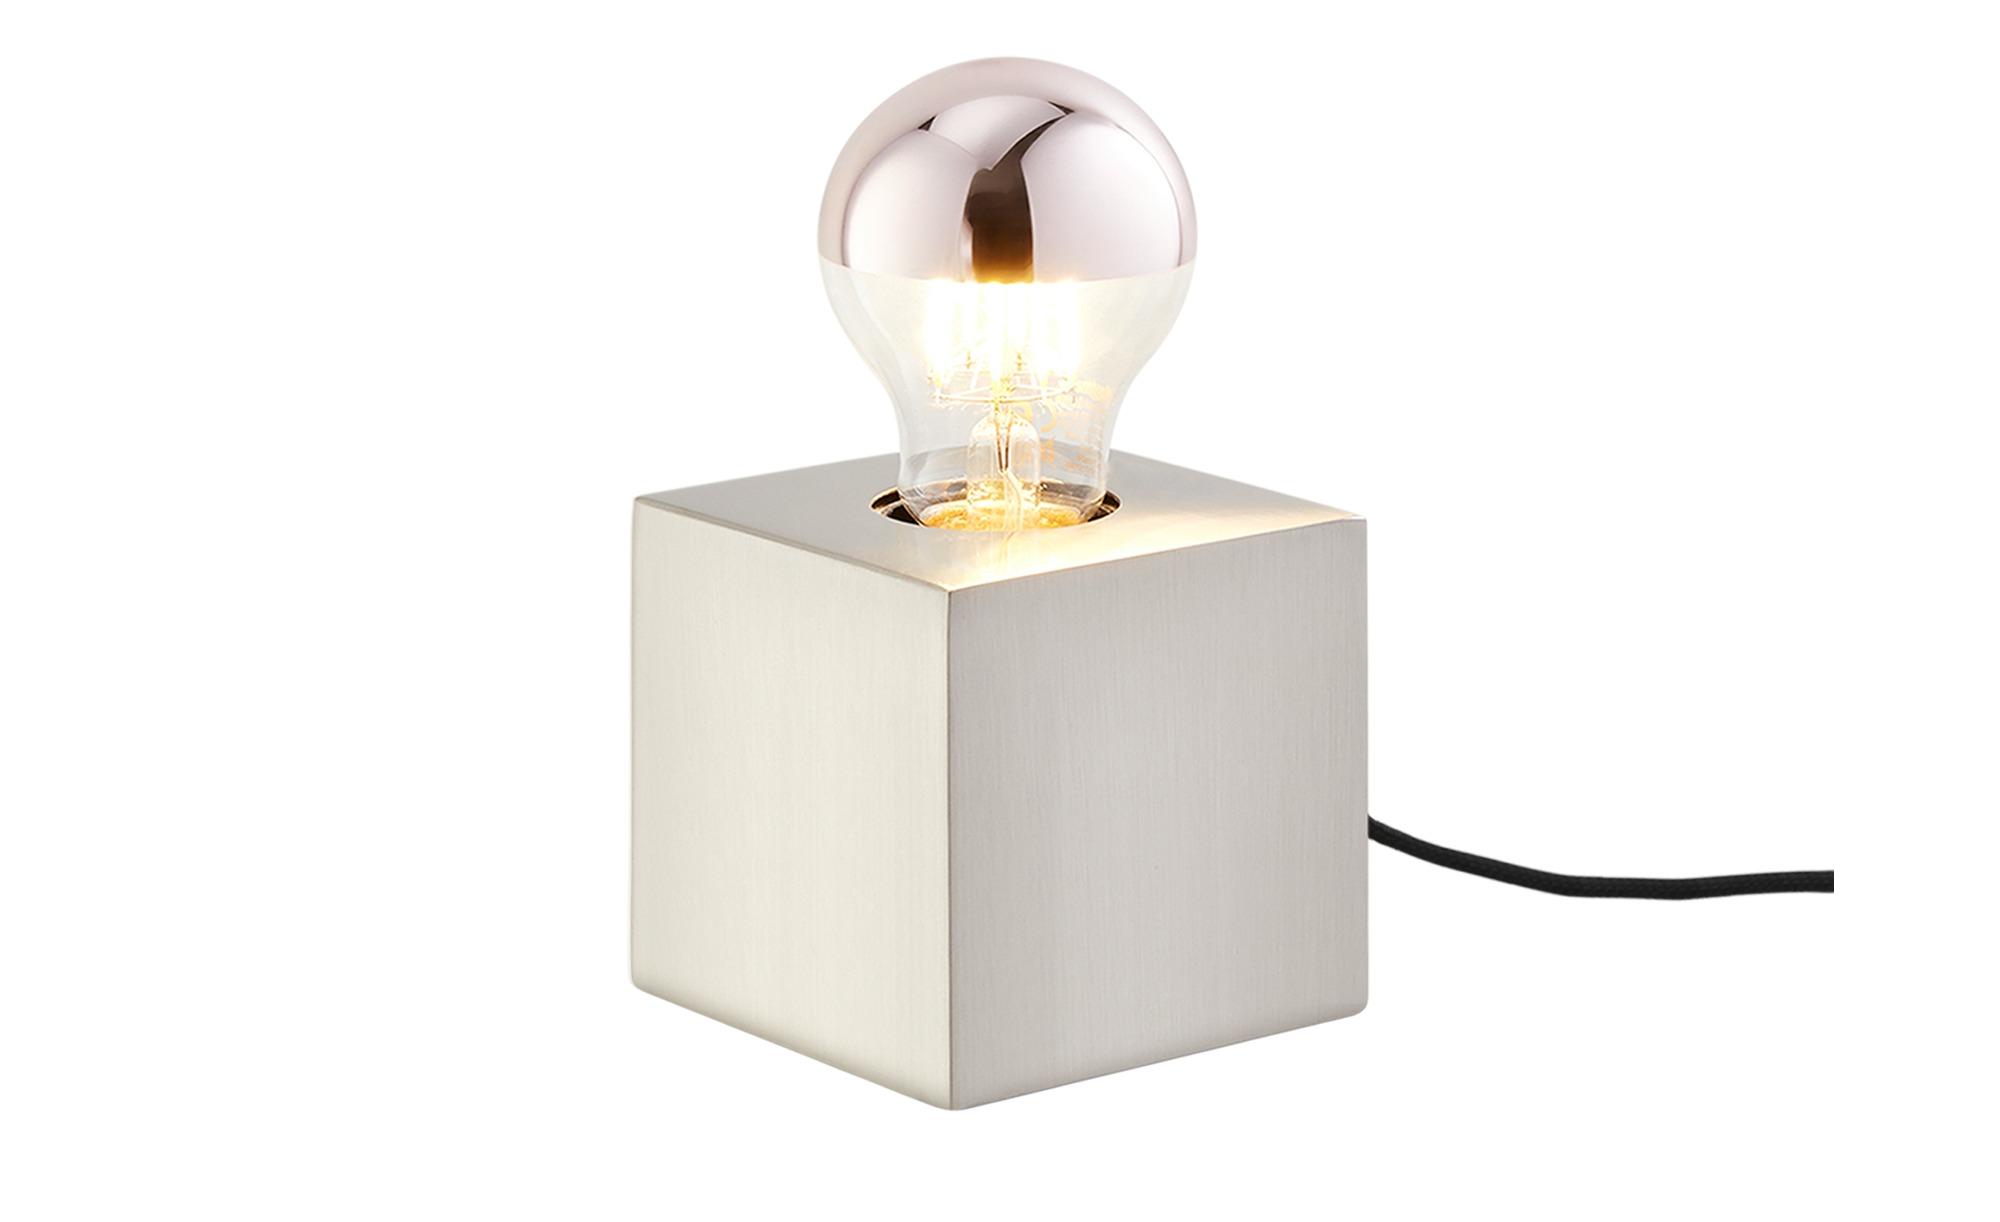 Tischleuchte, 1-flammig, Eisen gebürstet ¦ silber ¦ Maße (cm): B: 8,5 H: 8,5 T: 8,5 Lampen & Leuchten > Innenleuchten > Tischlampen - Höffner